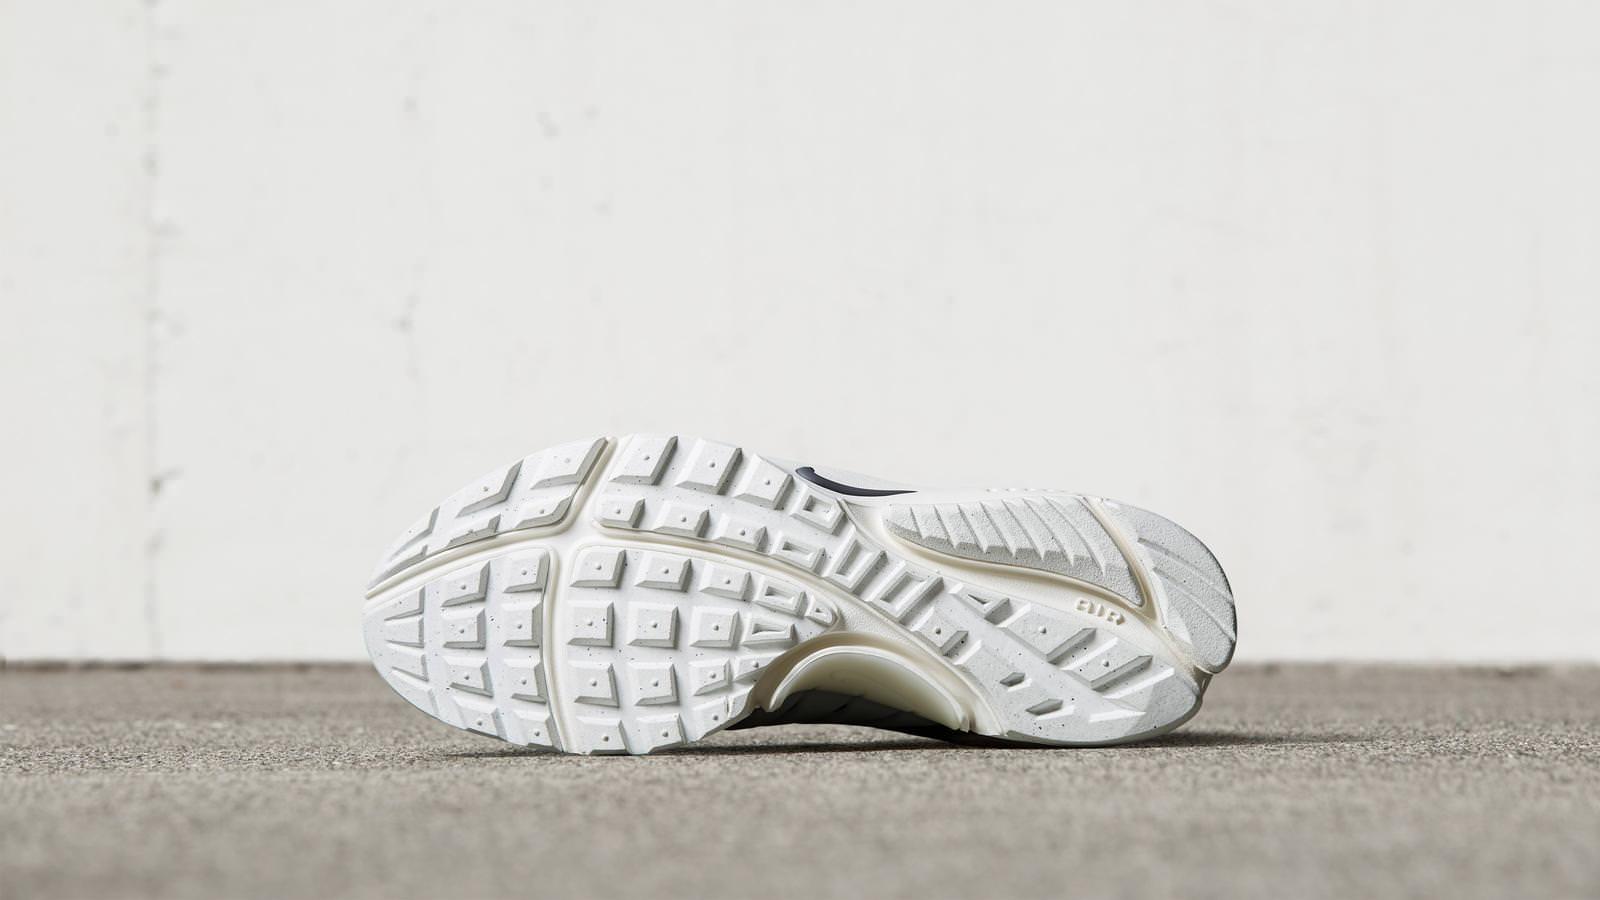 5812e6bc4c0e119f5c2cdc41_161026_footwear_pendleton_presto_s_0029r_hd_1600